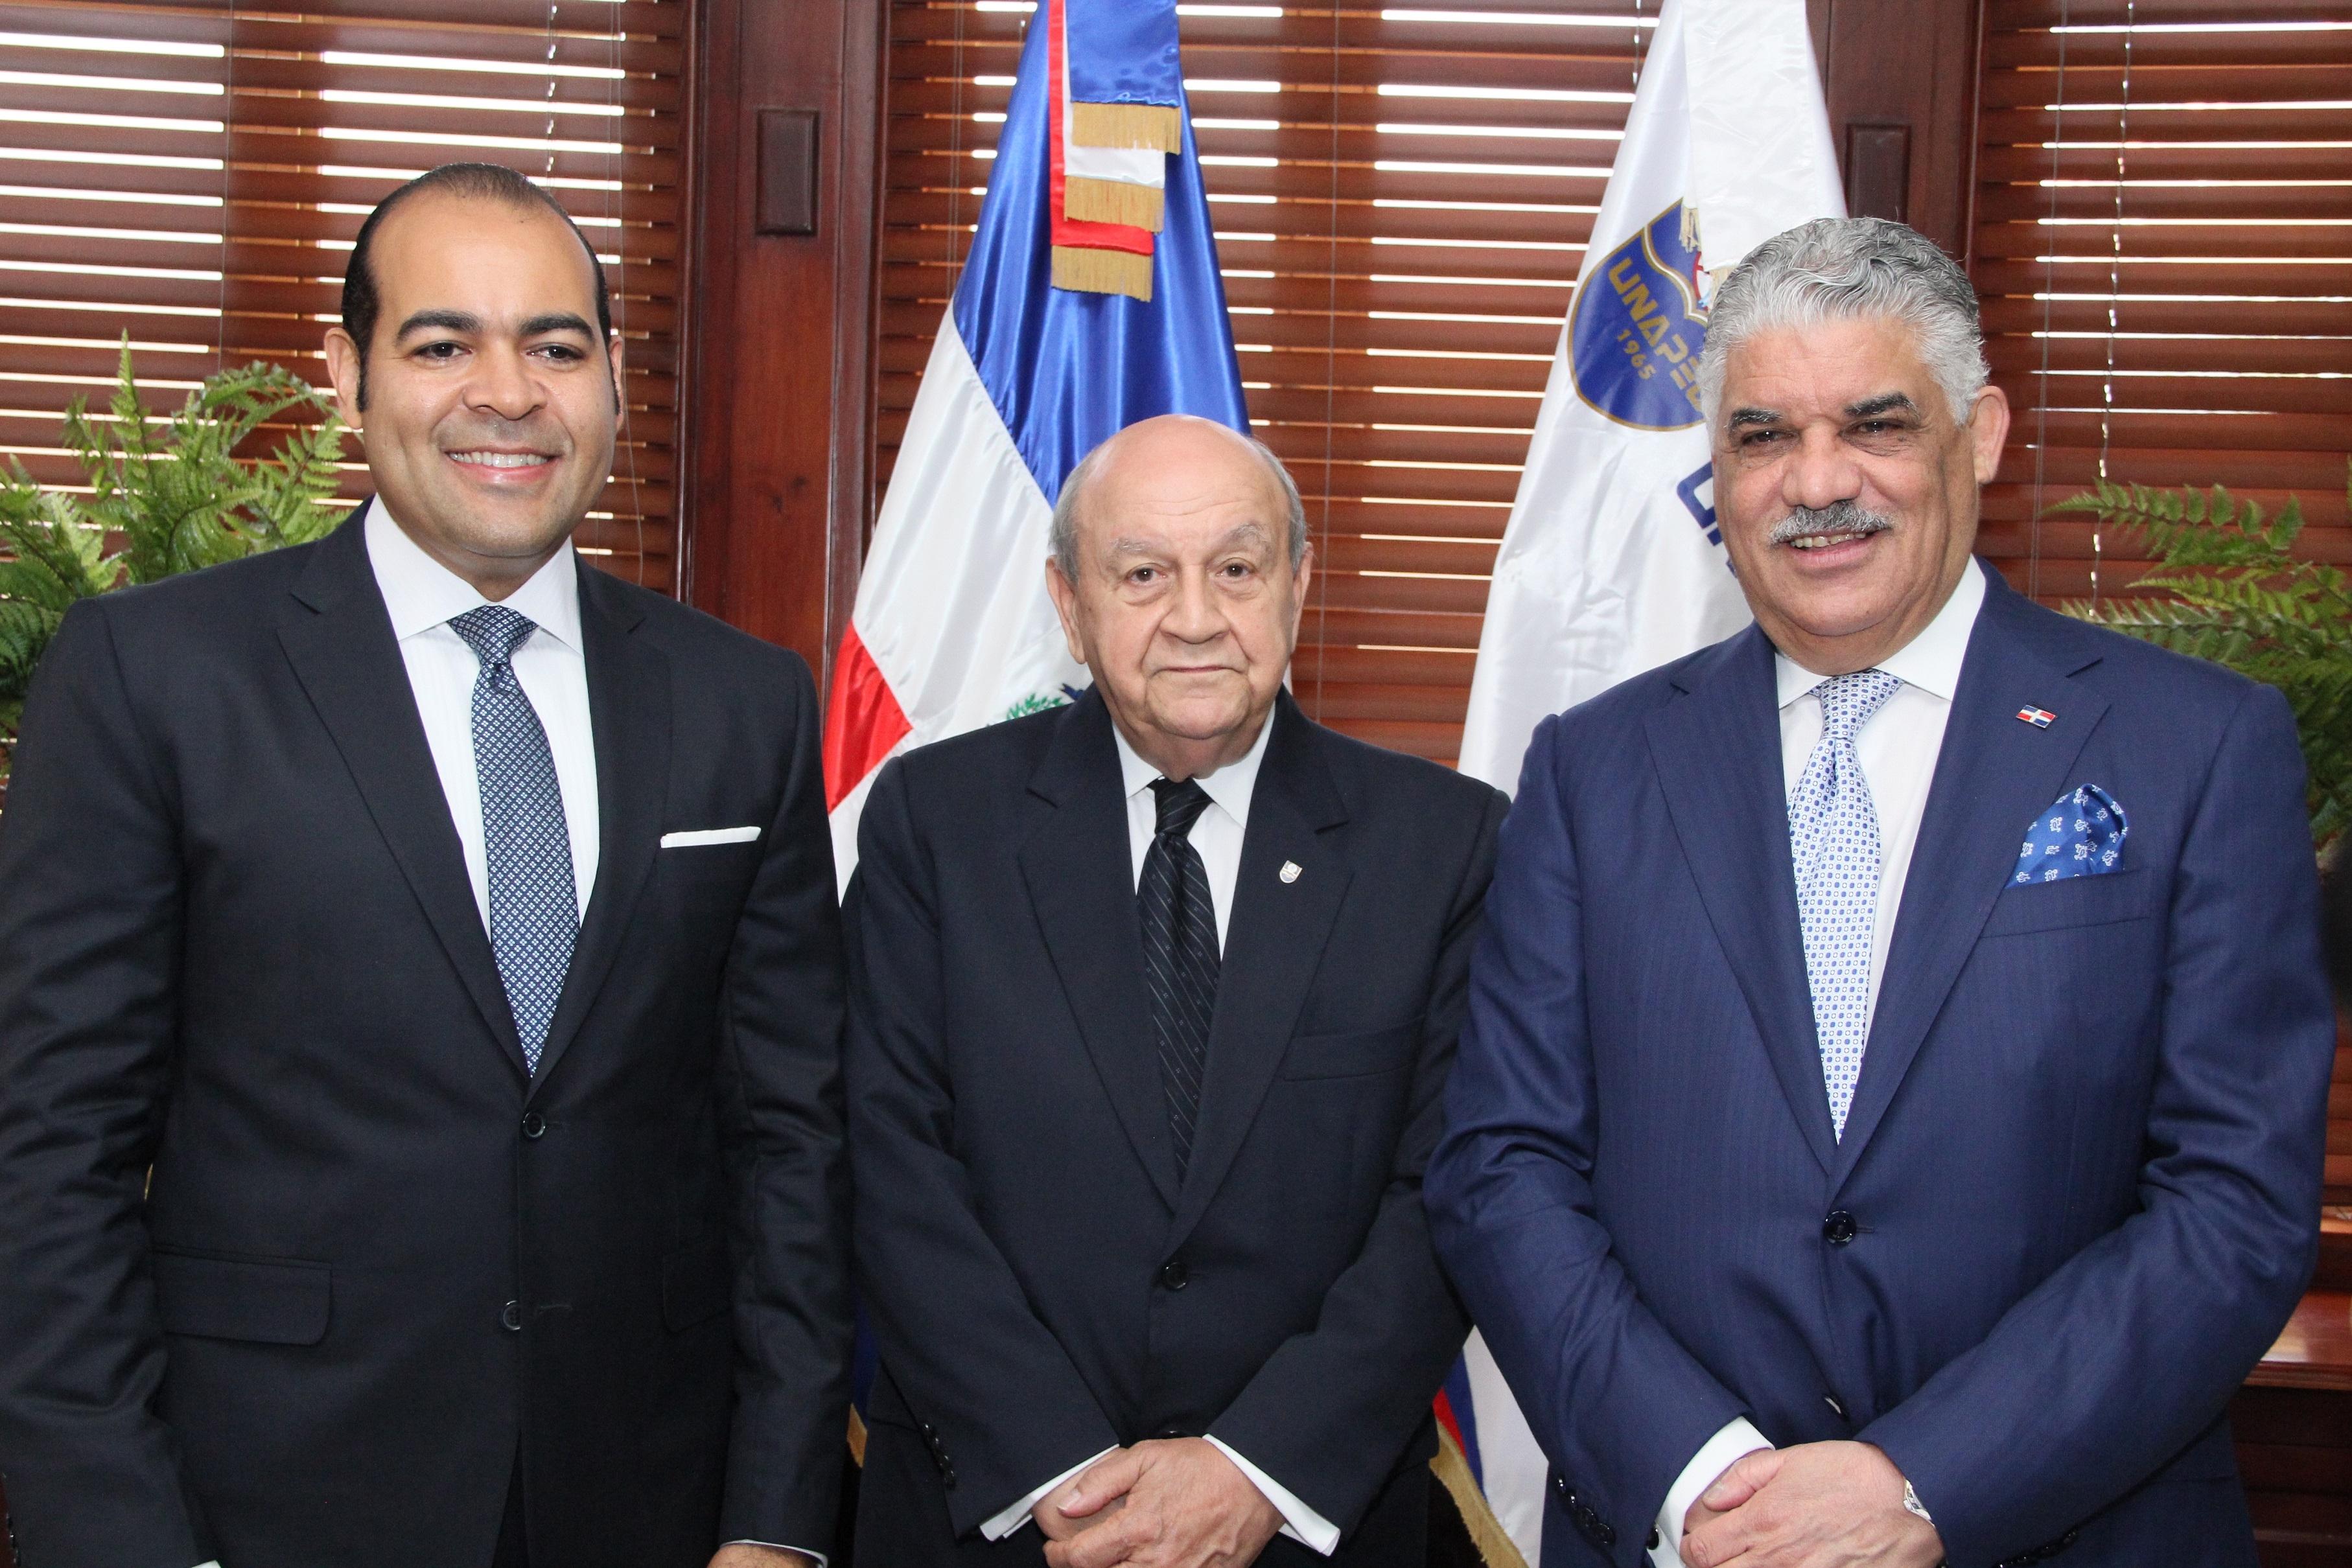 presidente del Colegio de Abogados, Miguel Surún Hernández, Franklyn Holguín Haché y canciller Miguel Vargas Maldonado.